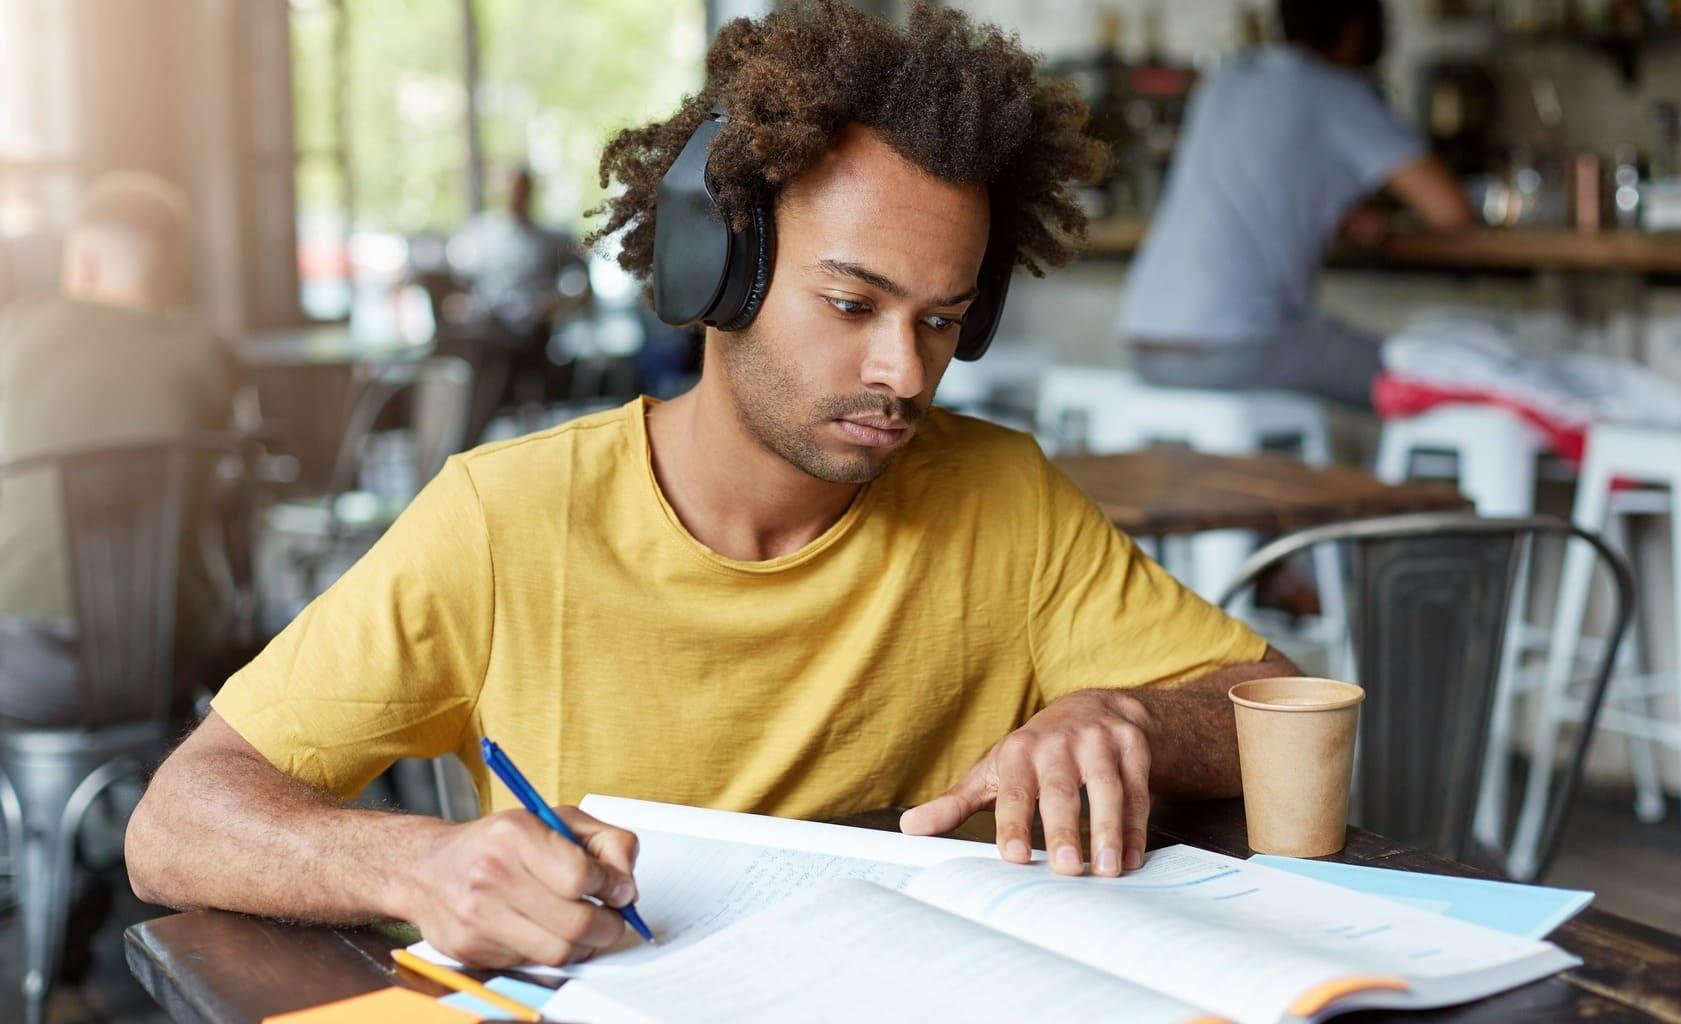 Música ajuda ou atrapalha os estudos